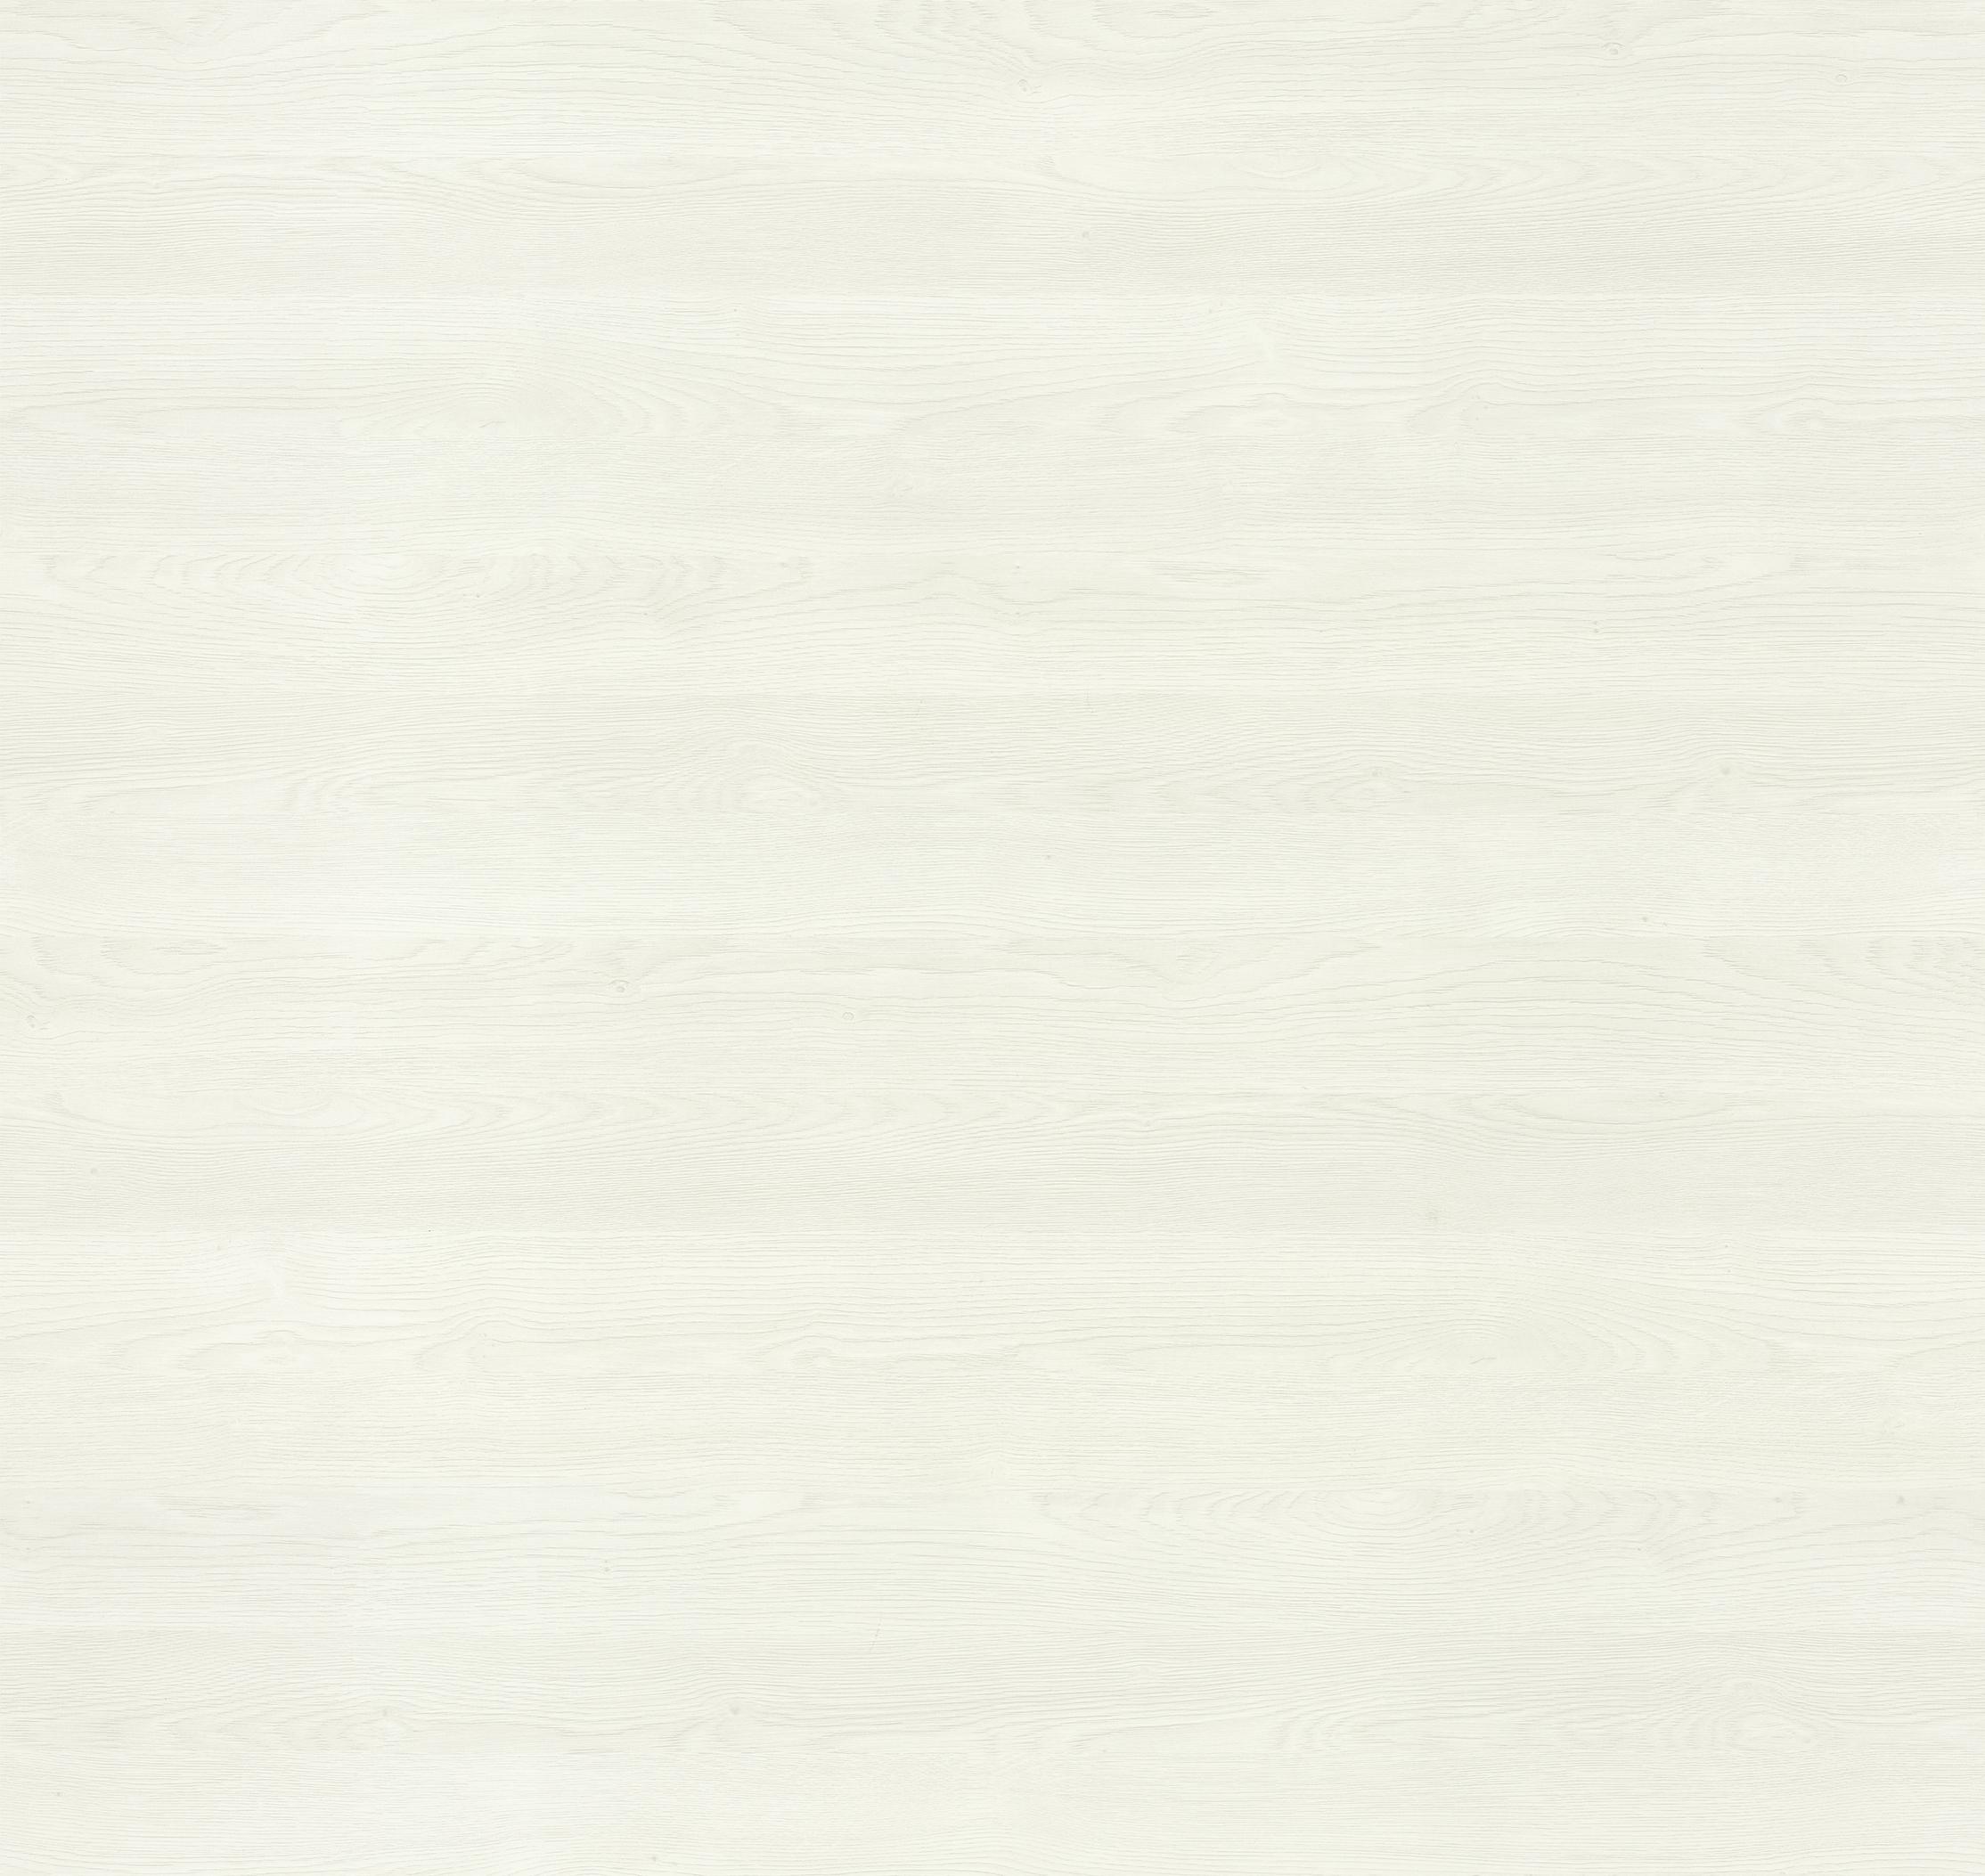 (440) Eiche Weiß quer NB